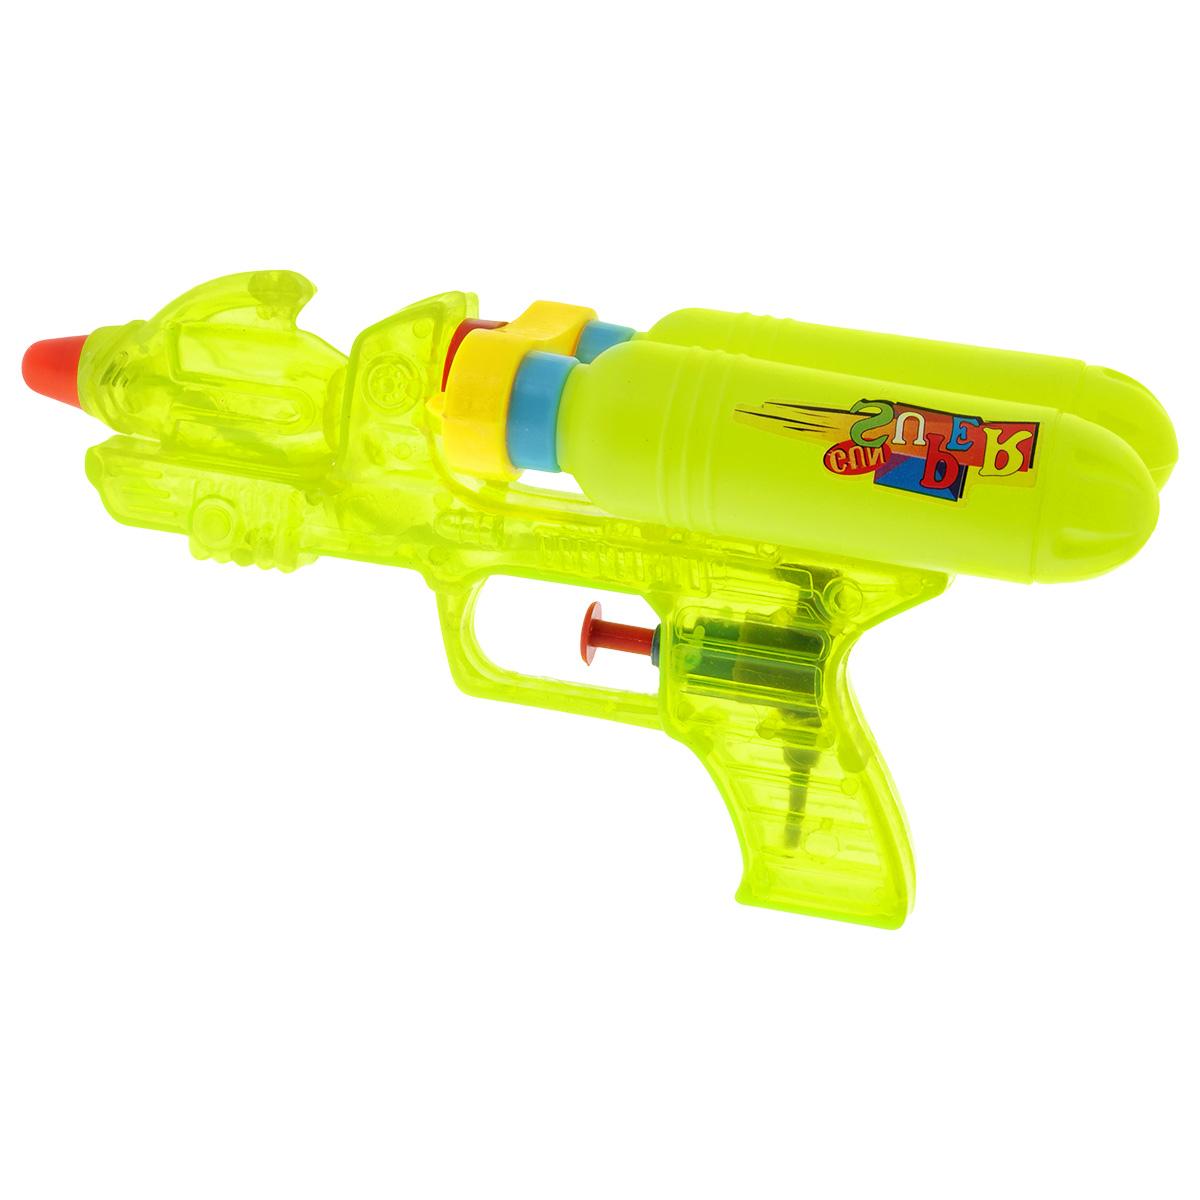 Водный пистолет Bebelot Мощное оружие водный пистолет bebelot суперагент beb1106 006